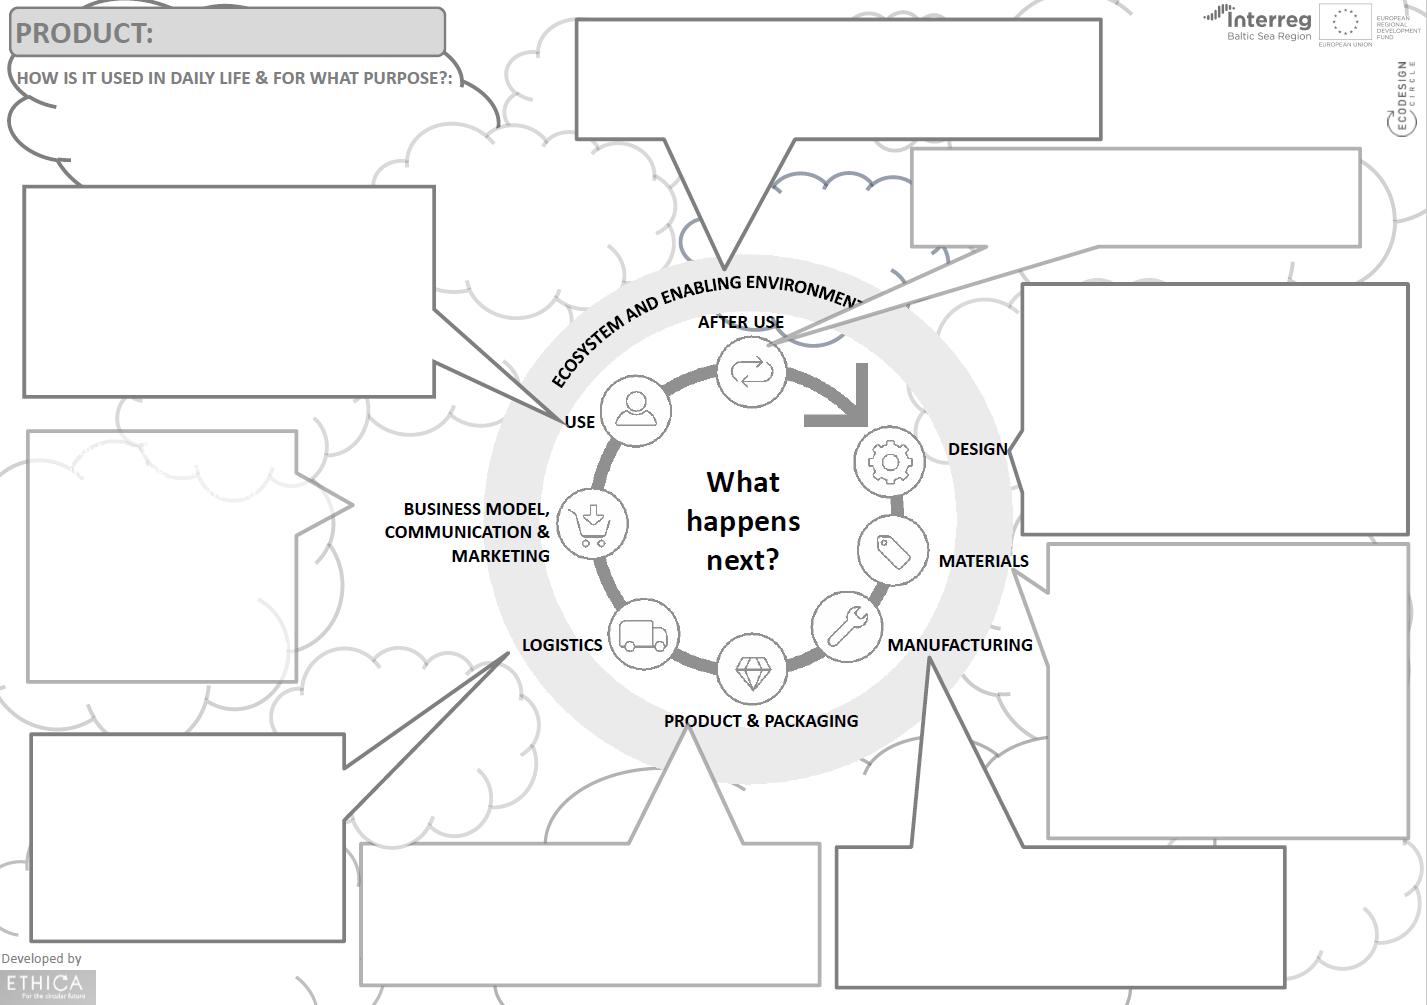 Marine Litter and Ecodesign - EcoDesign Circle